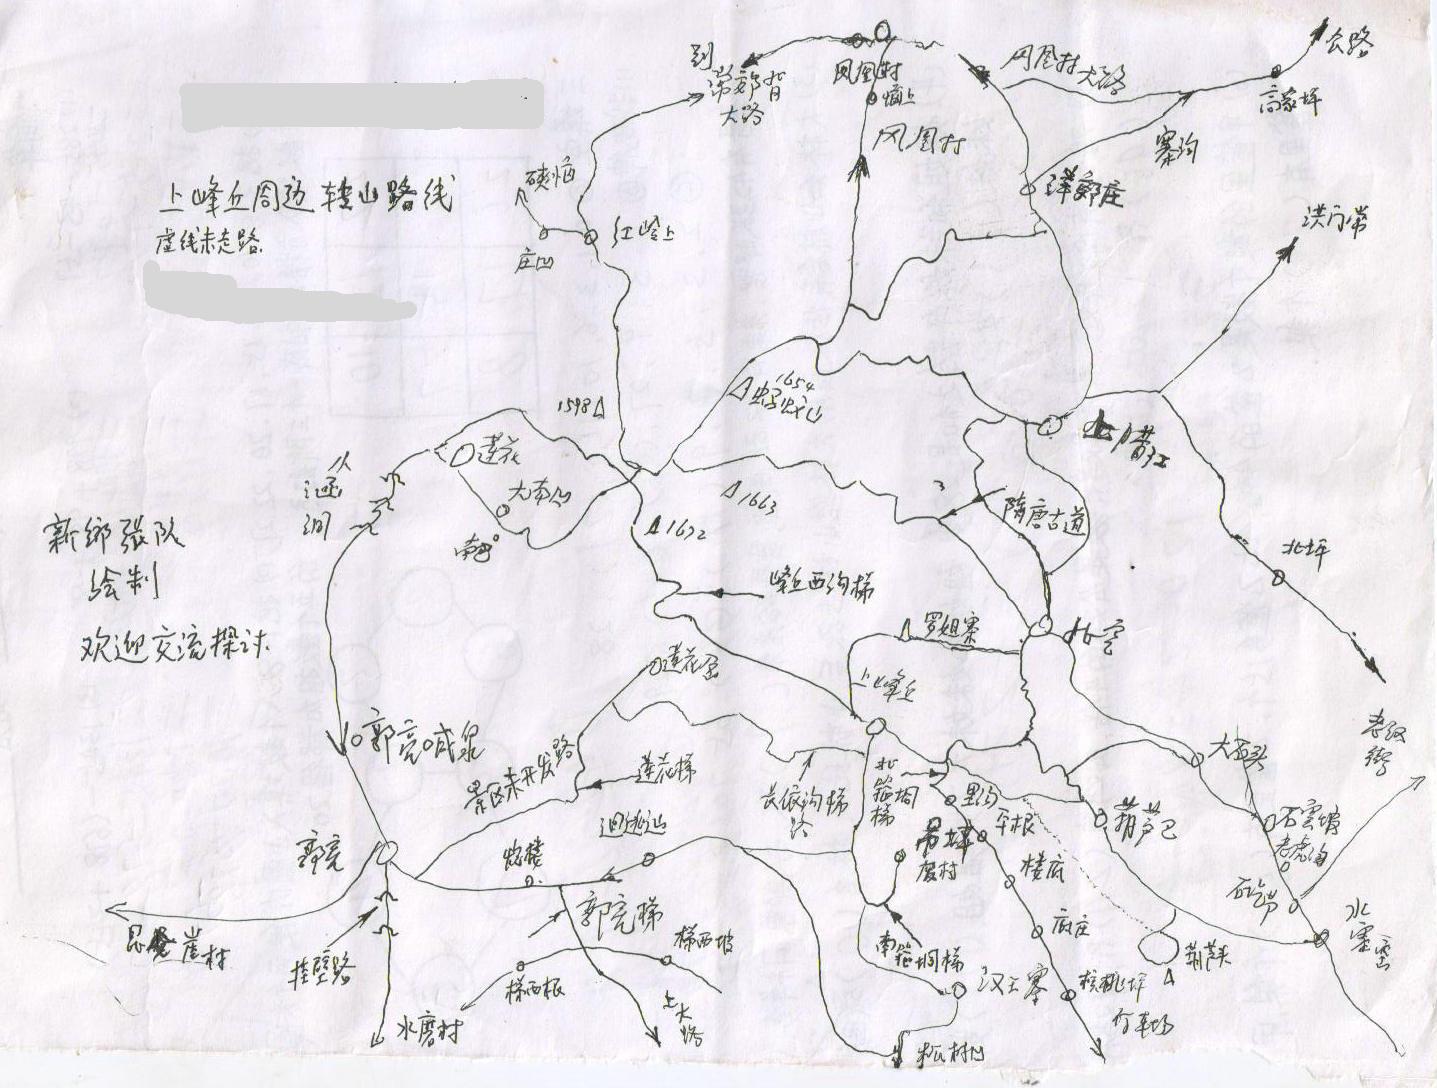 荷花手绘地图矢量